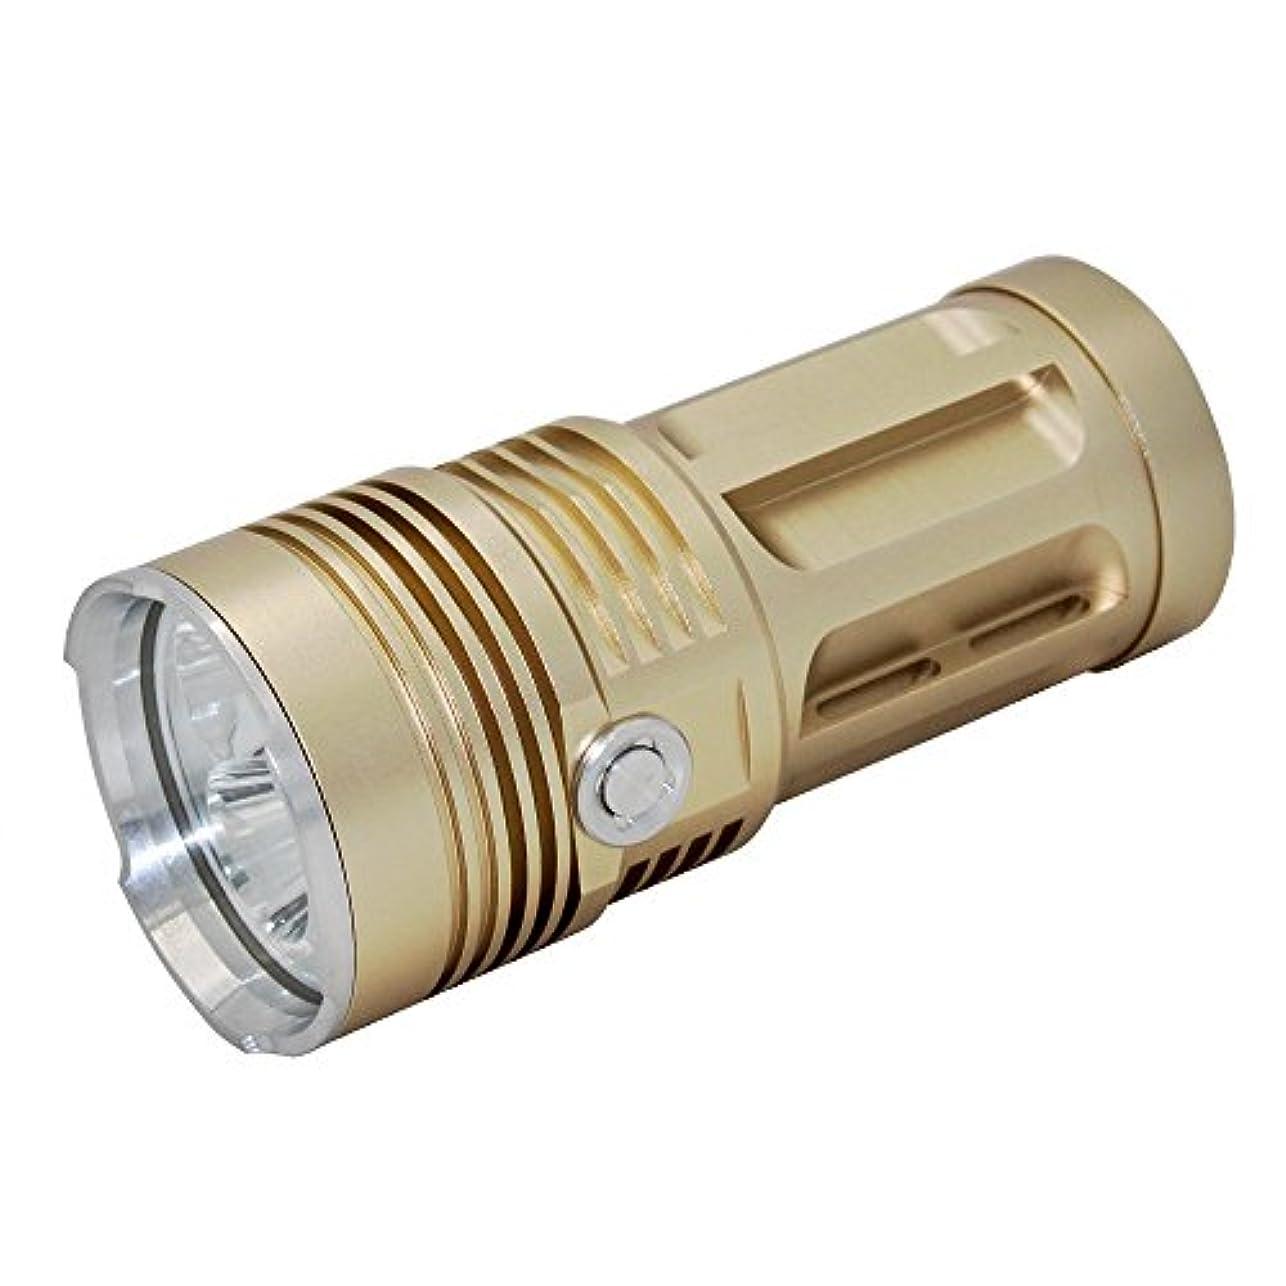 超越する出来事再集計KC Fire ハンデイィライト CREE XML-T6 3000LM照明 3/8LED懐中電灯 ゴールド ブラック